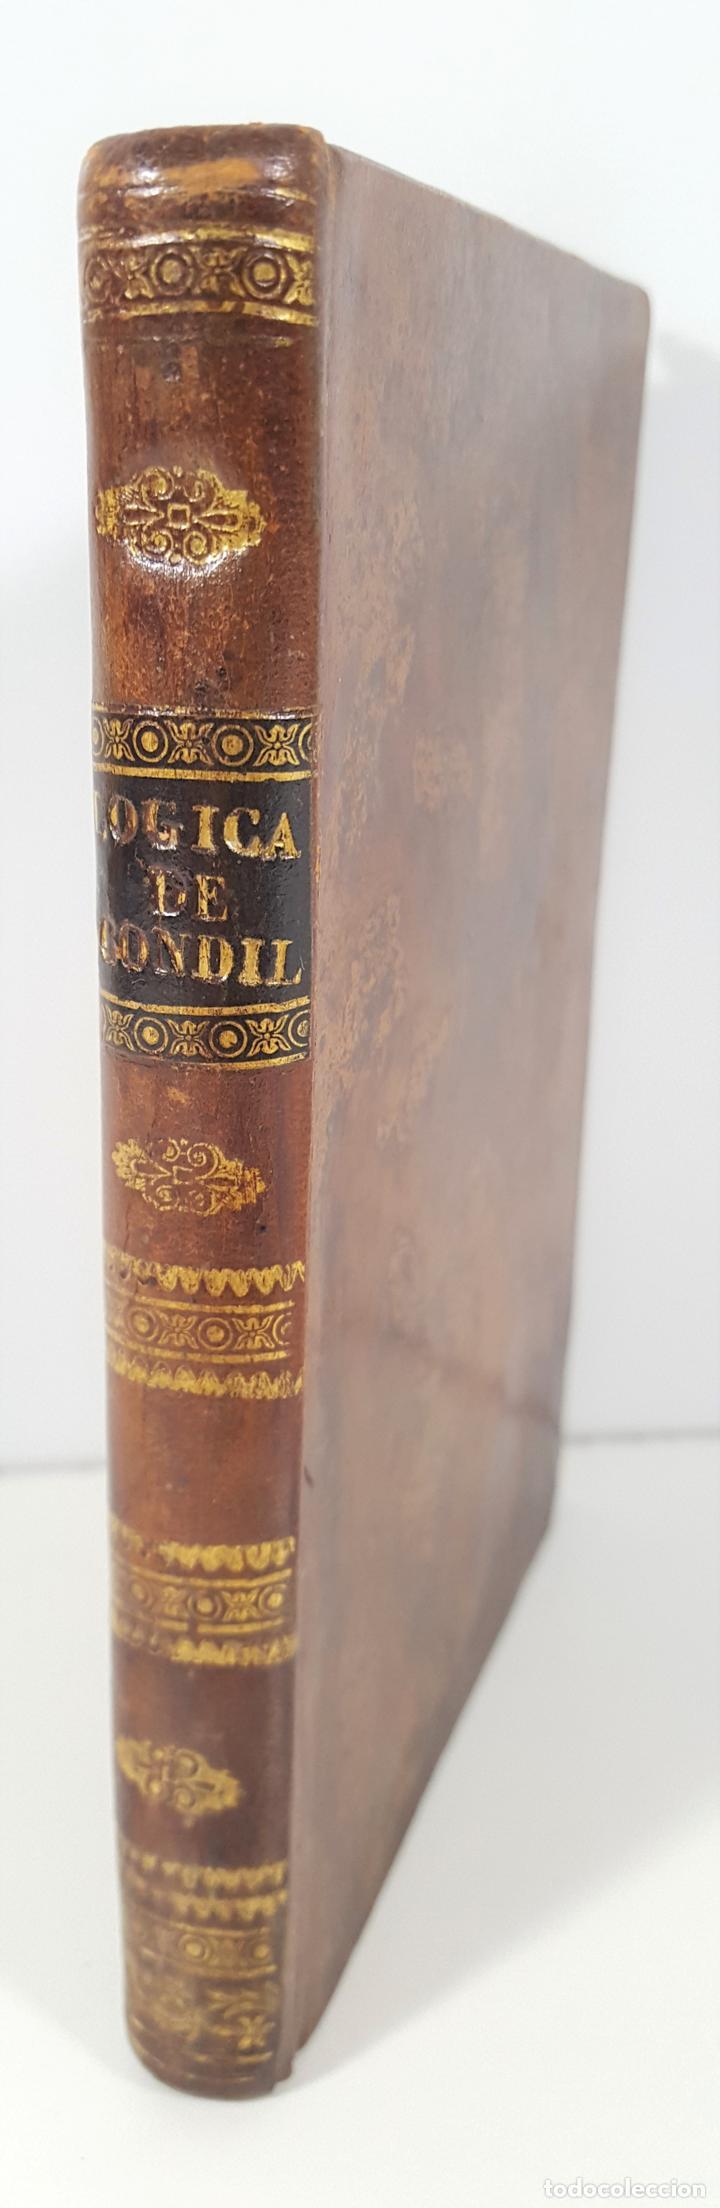 LA LÓGICA O LOS PRIMEROS ELEMENTOS DEL ARTE DE PENSAR. ABAD CONDILLAC. BARCELONA.1817. (Libros Antiguos, Raros y Curiosos - Pensamiento - Filosofía)